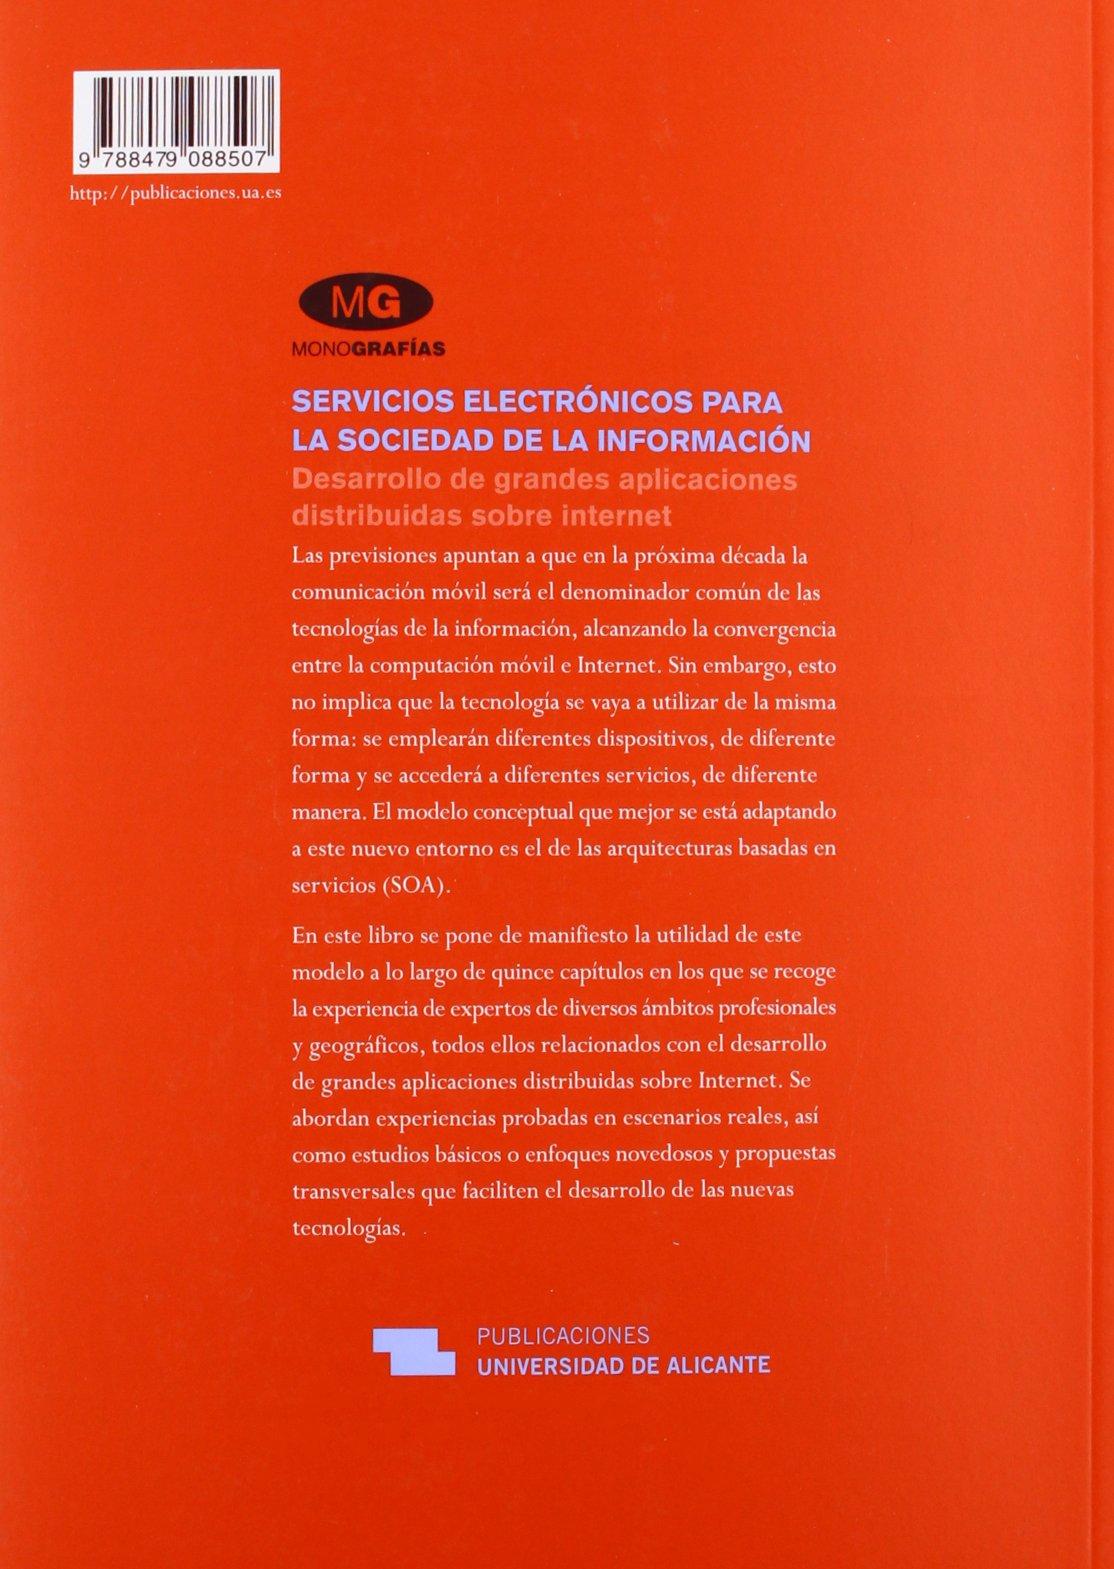 Servicios electronicos para la sociedad de la informacion / Electronic services for the Information Society: Desarrollo De Grandes Aplicaciones .